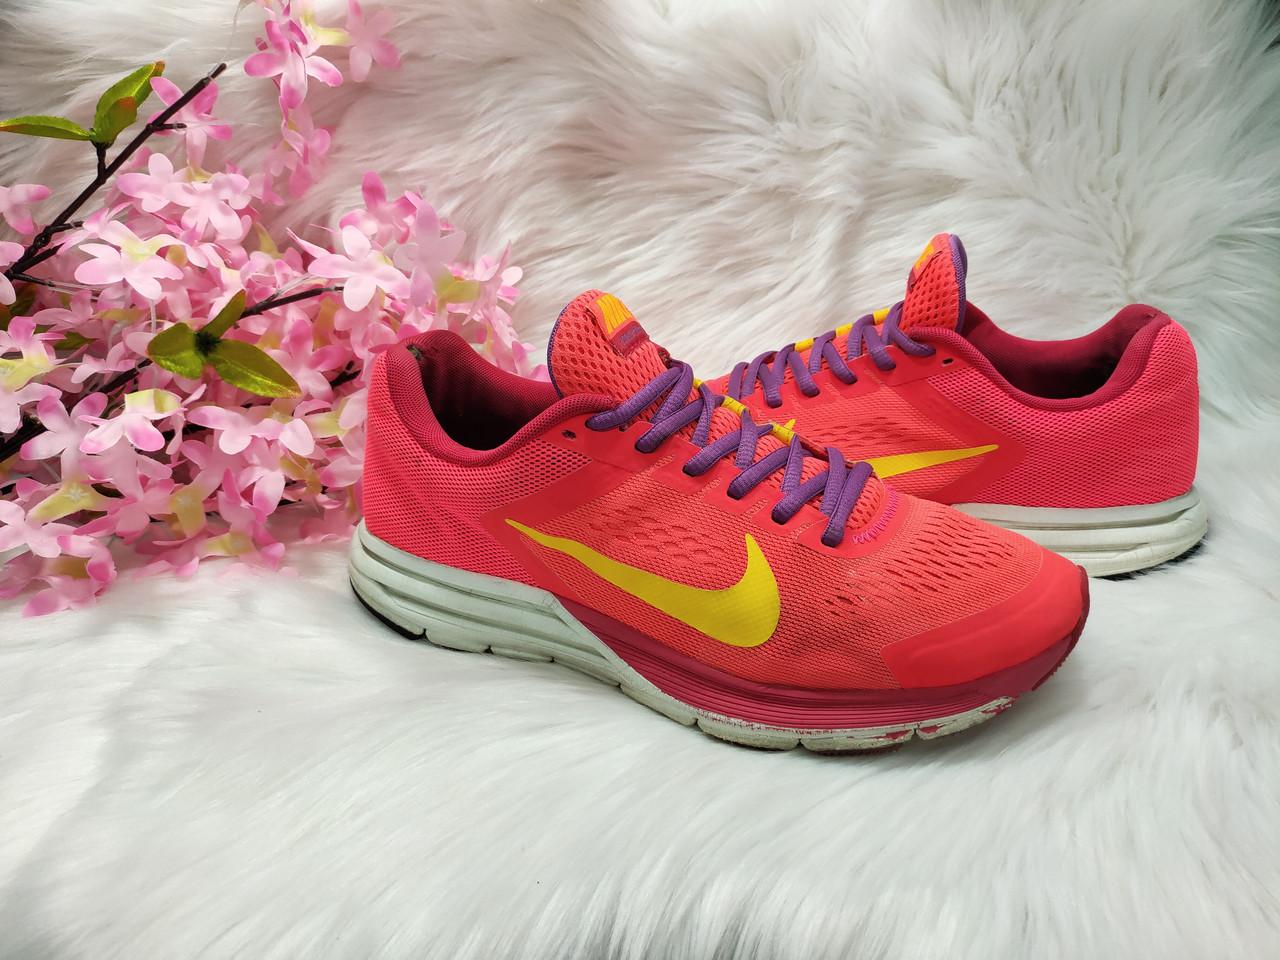 Жіночі кросівки Nike Structure 17 (37 розмір) бо